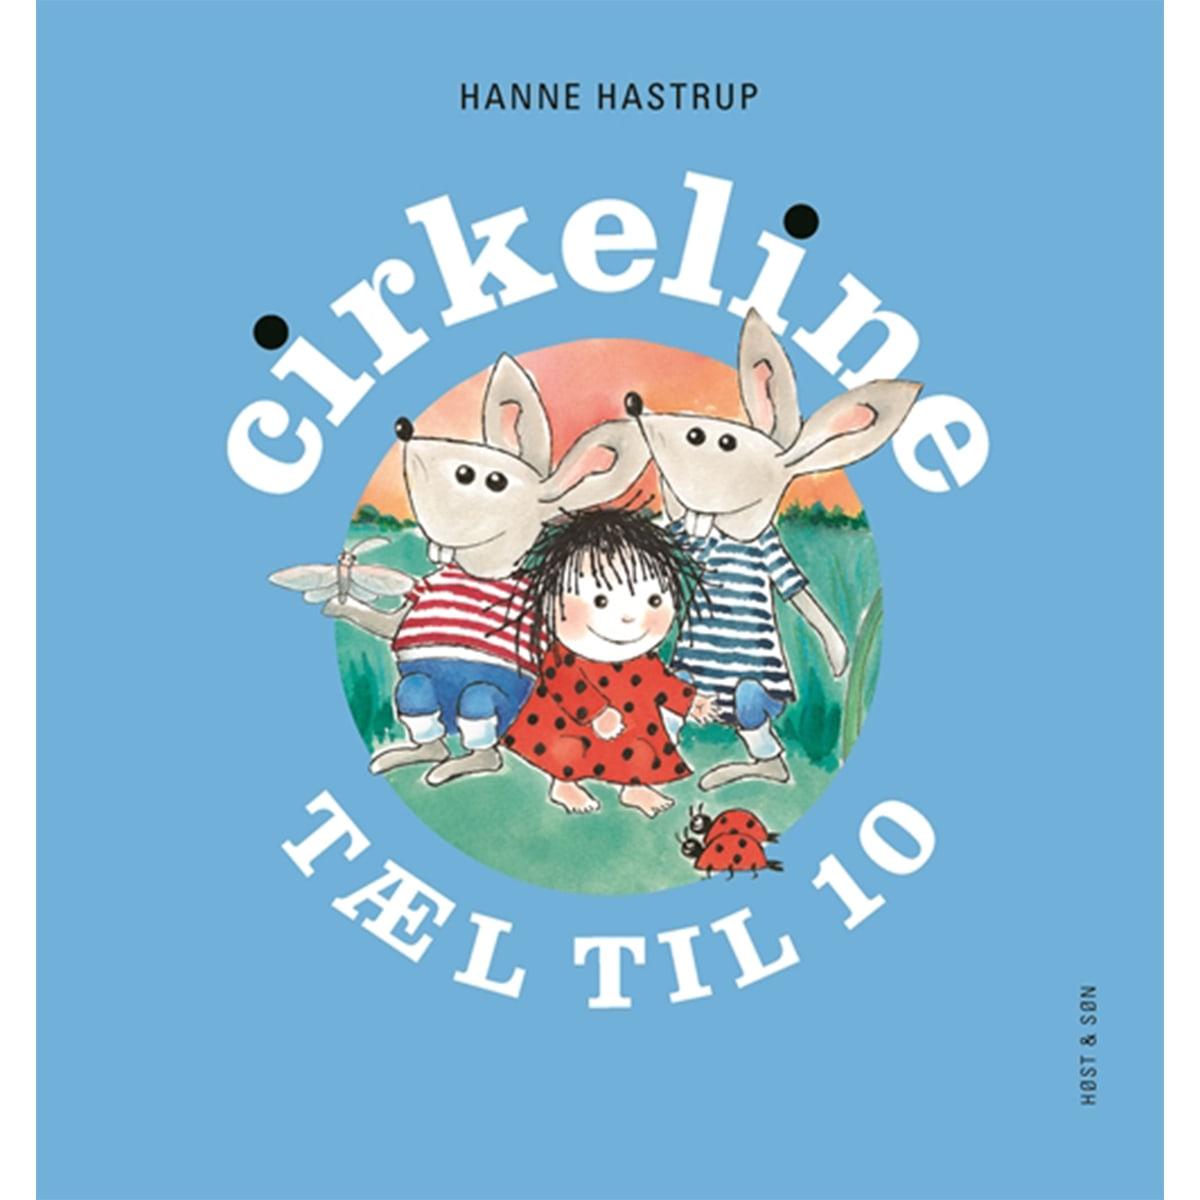 Af Hanne Hastrup